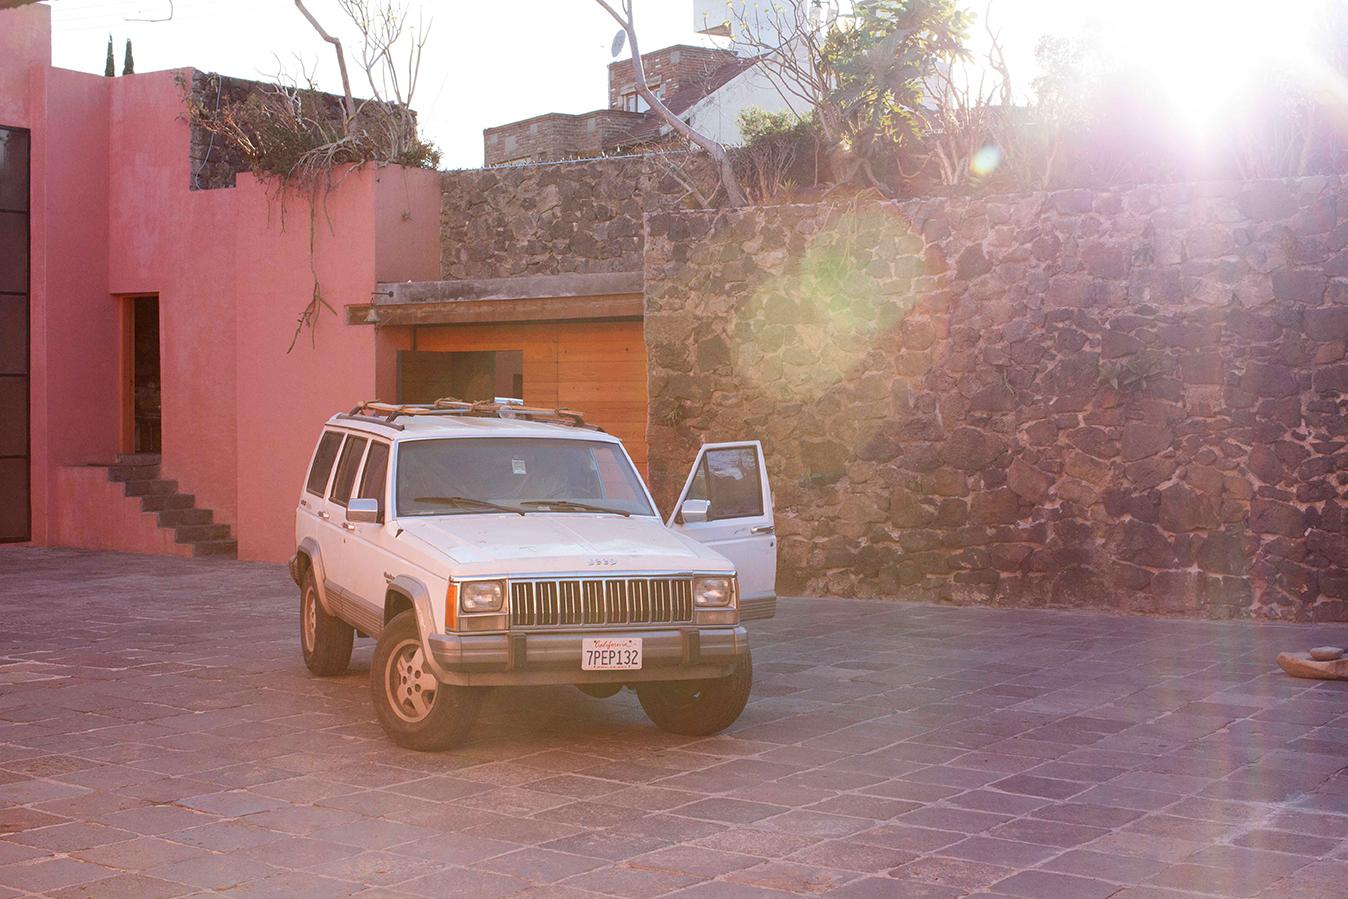 Chase, Casa Prieto - Lopez by Luis Barragan, Jardines del Pedregal, Mexico D.F.